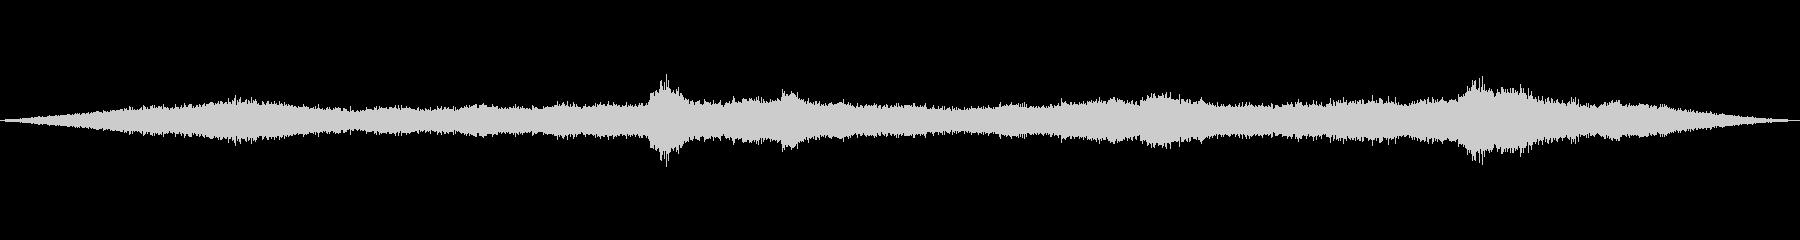 風の効果音(自然、そよ風、ビル風等)04の未再生の波形